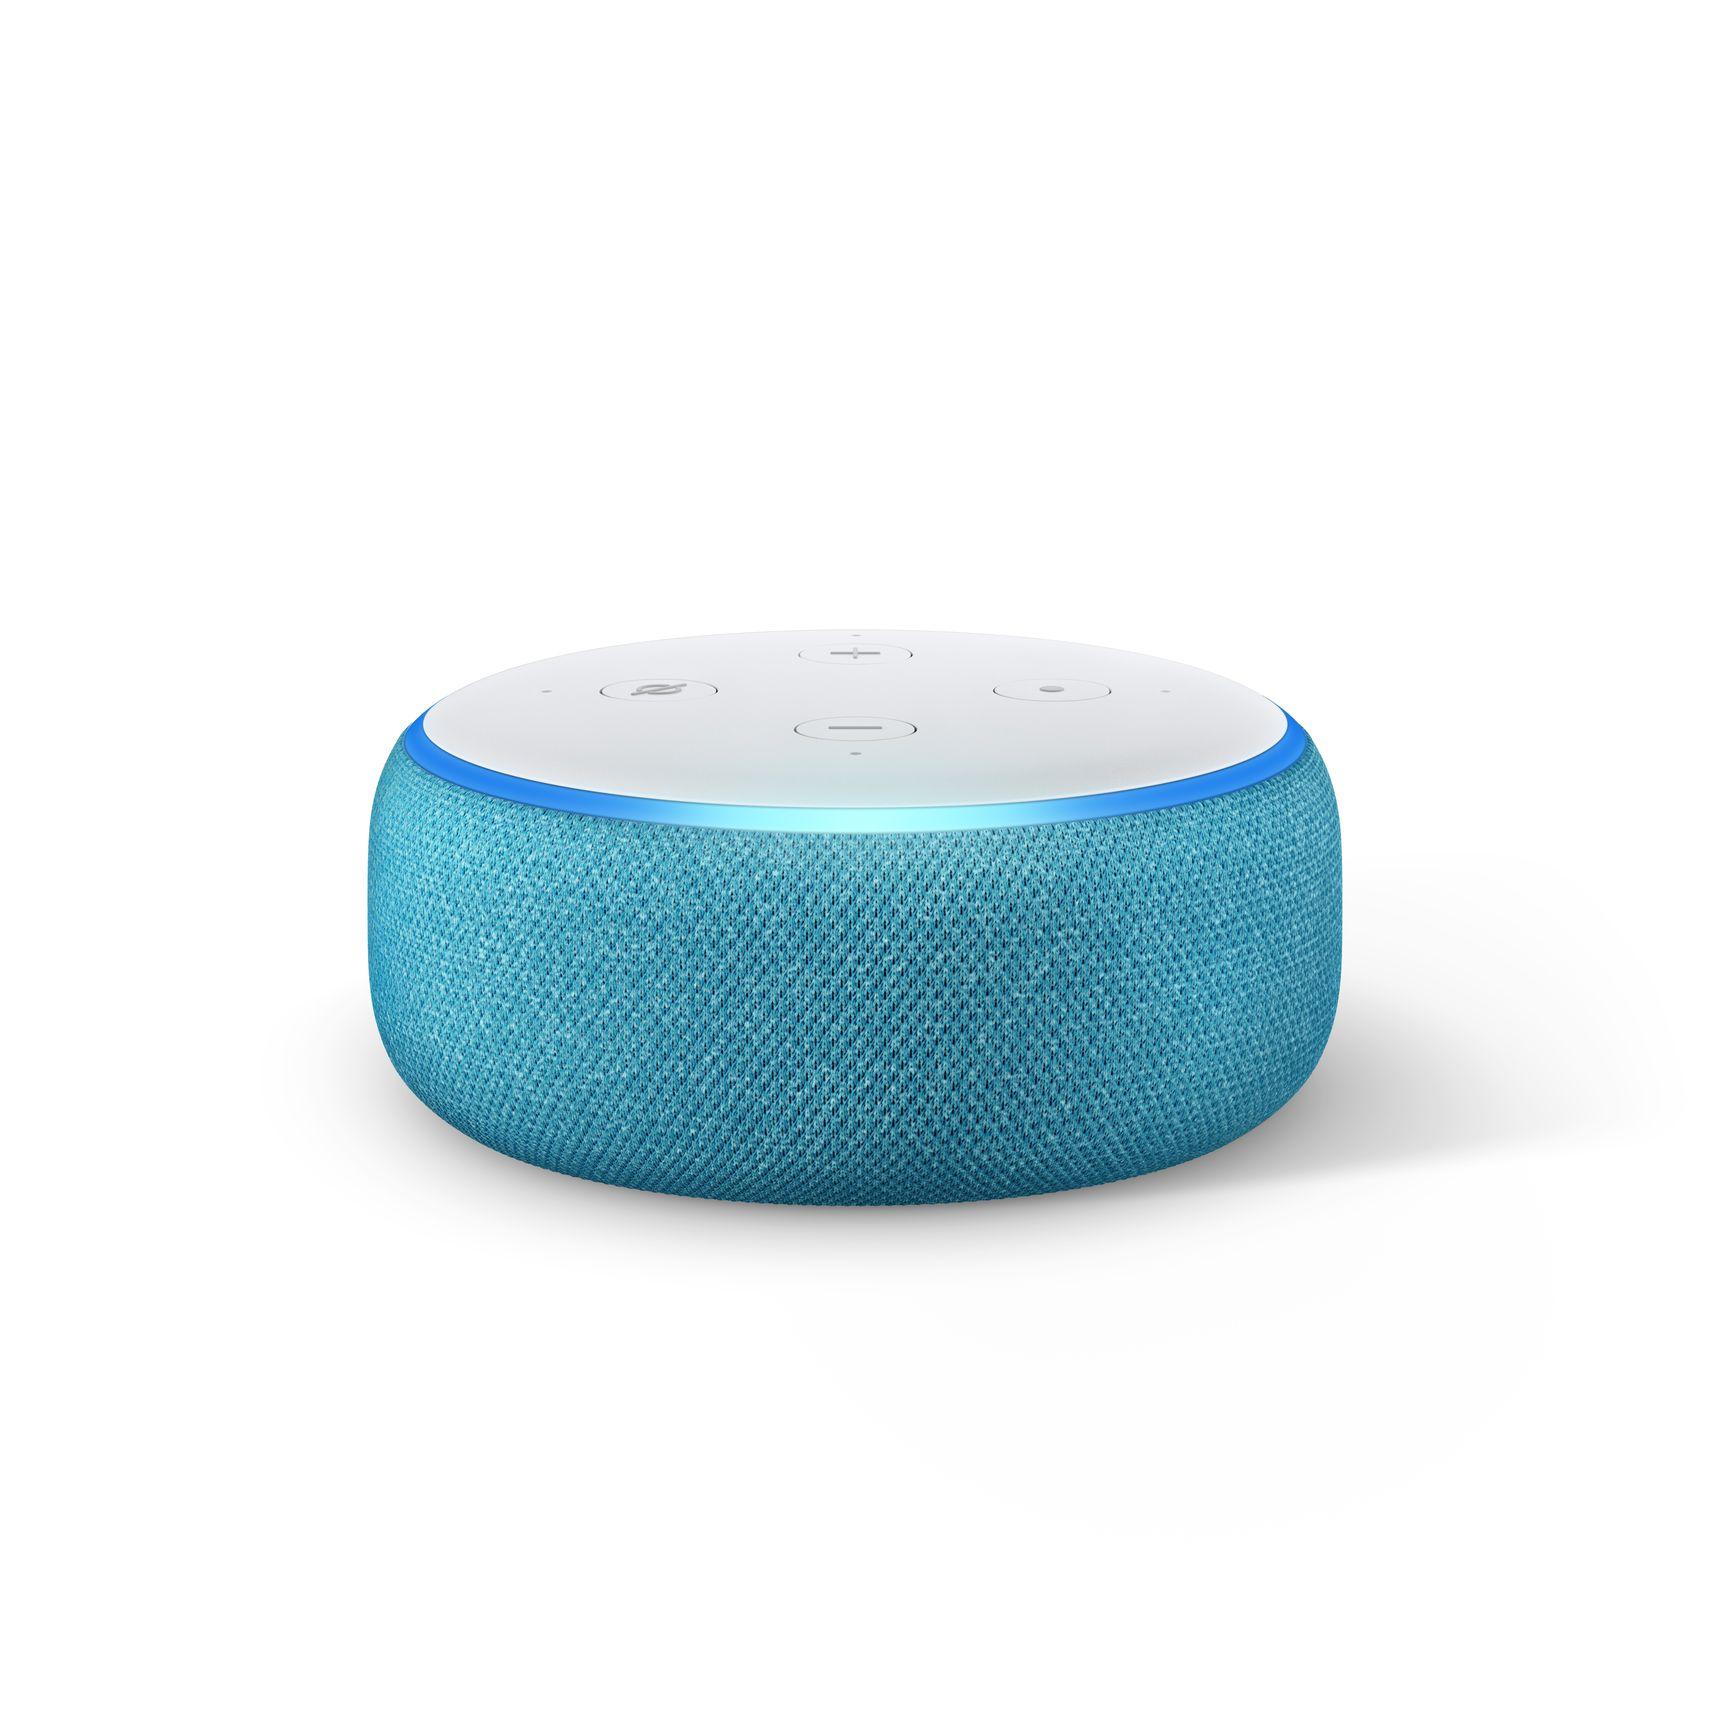 亚马逊的新儿童版 Echo Dot 更多乐享牛牛棋牌,开元棋牌游戏,棋牌现金手机版彩、更实用